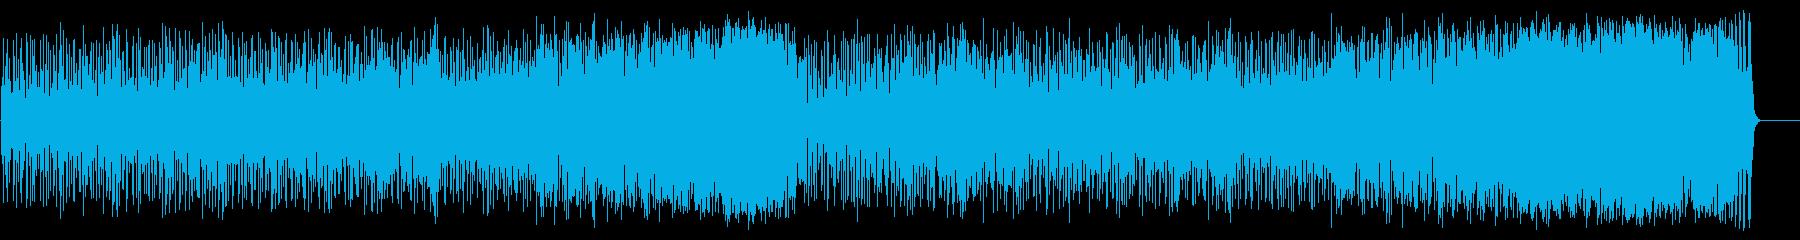 ポップでパワフルなフュージョン/ラテンの再生済みの波形